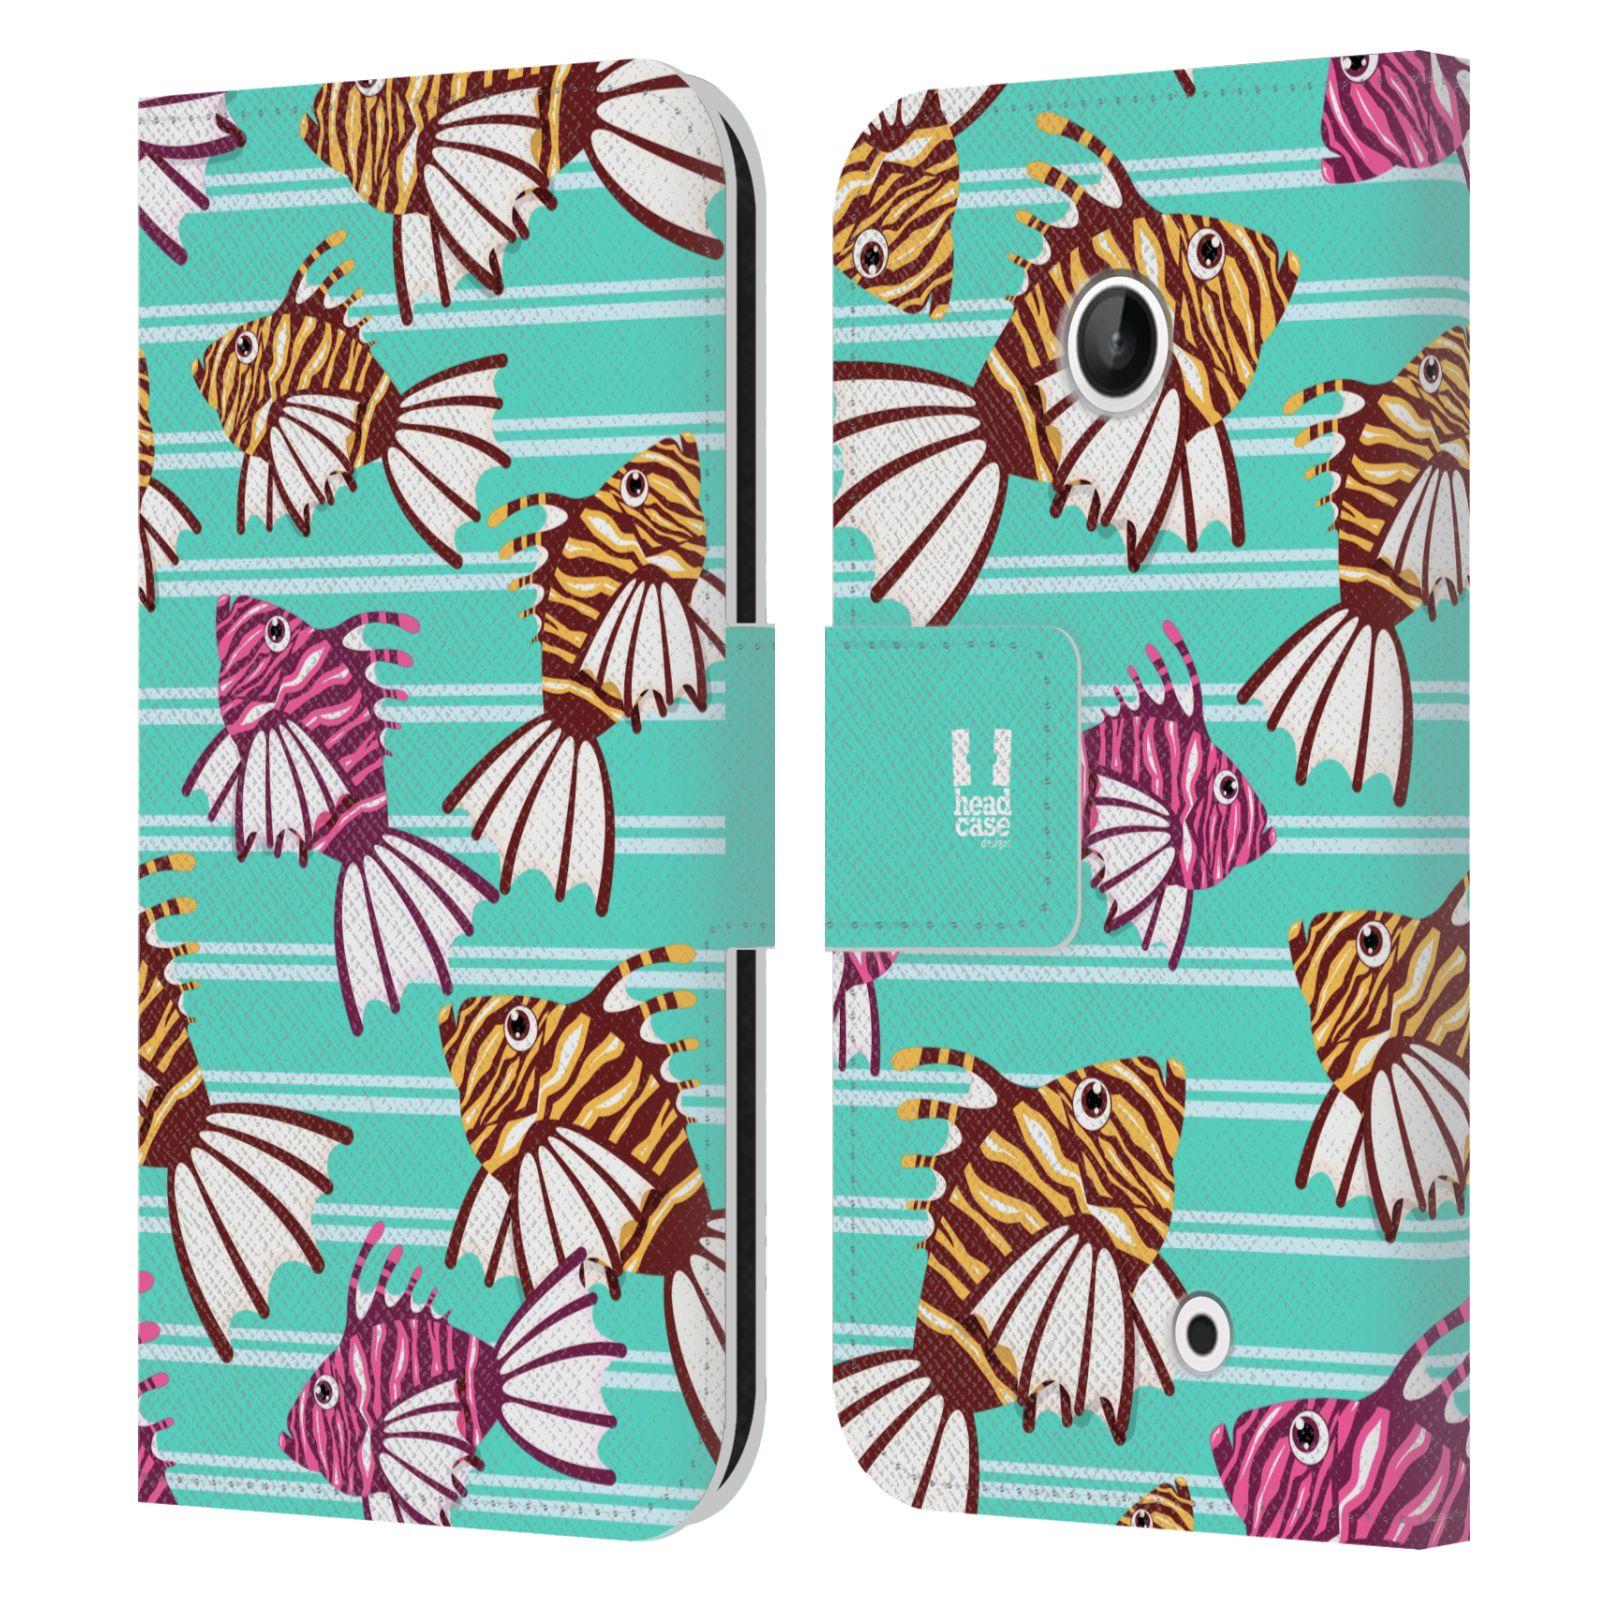 HEAD CASE Flipové pouzdro pro mobil NOKIA LUMIA 630 / LUMIA 630 DUAL Mořský živočich ryba modrá barva